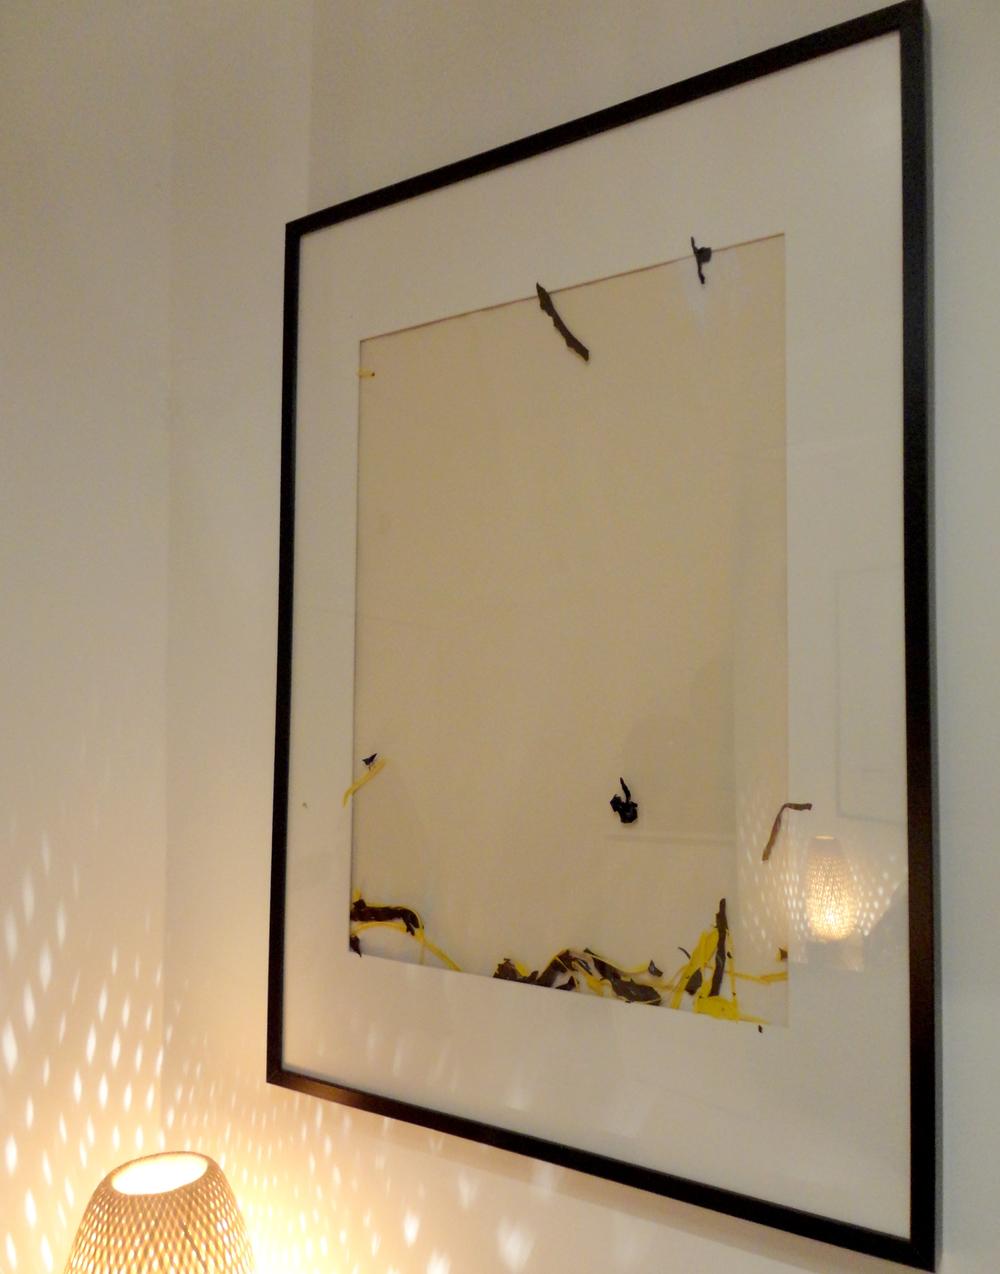 flat art com um movimento muito interessante - gostei!